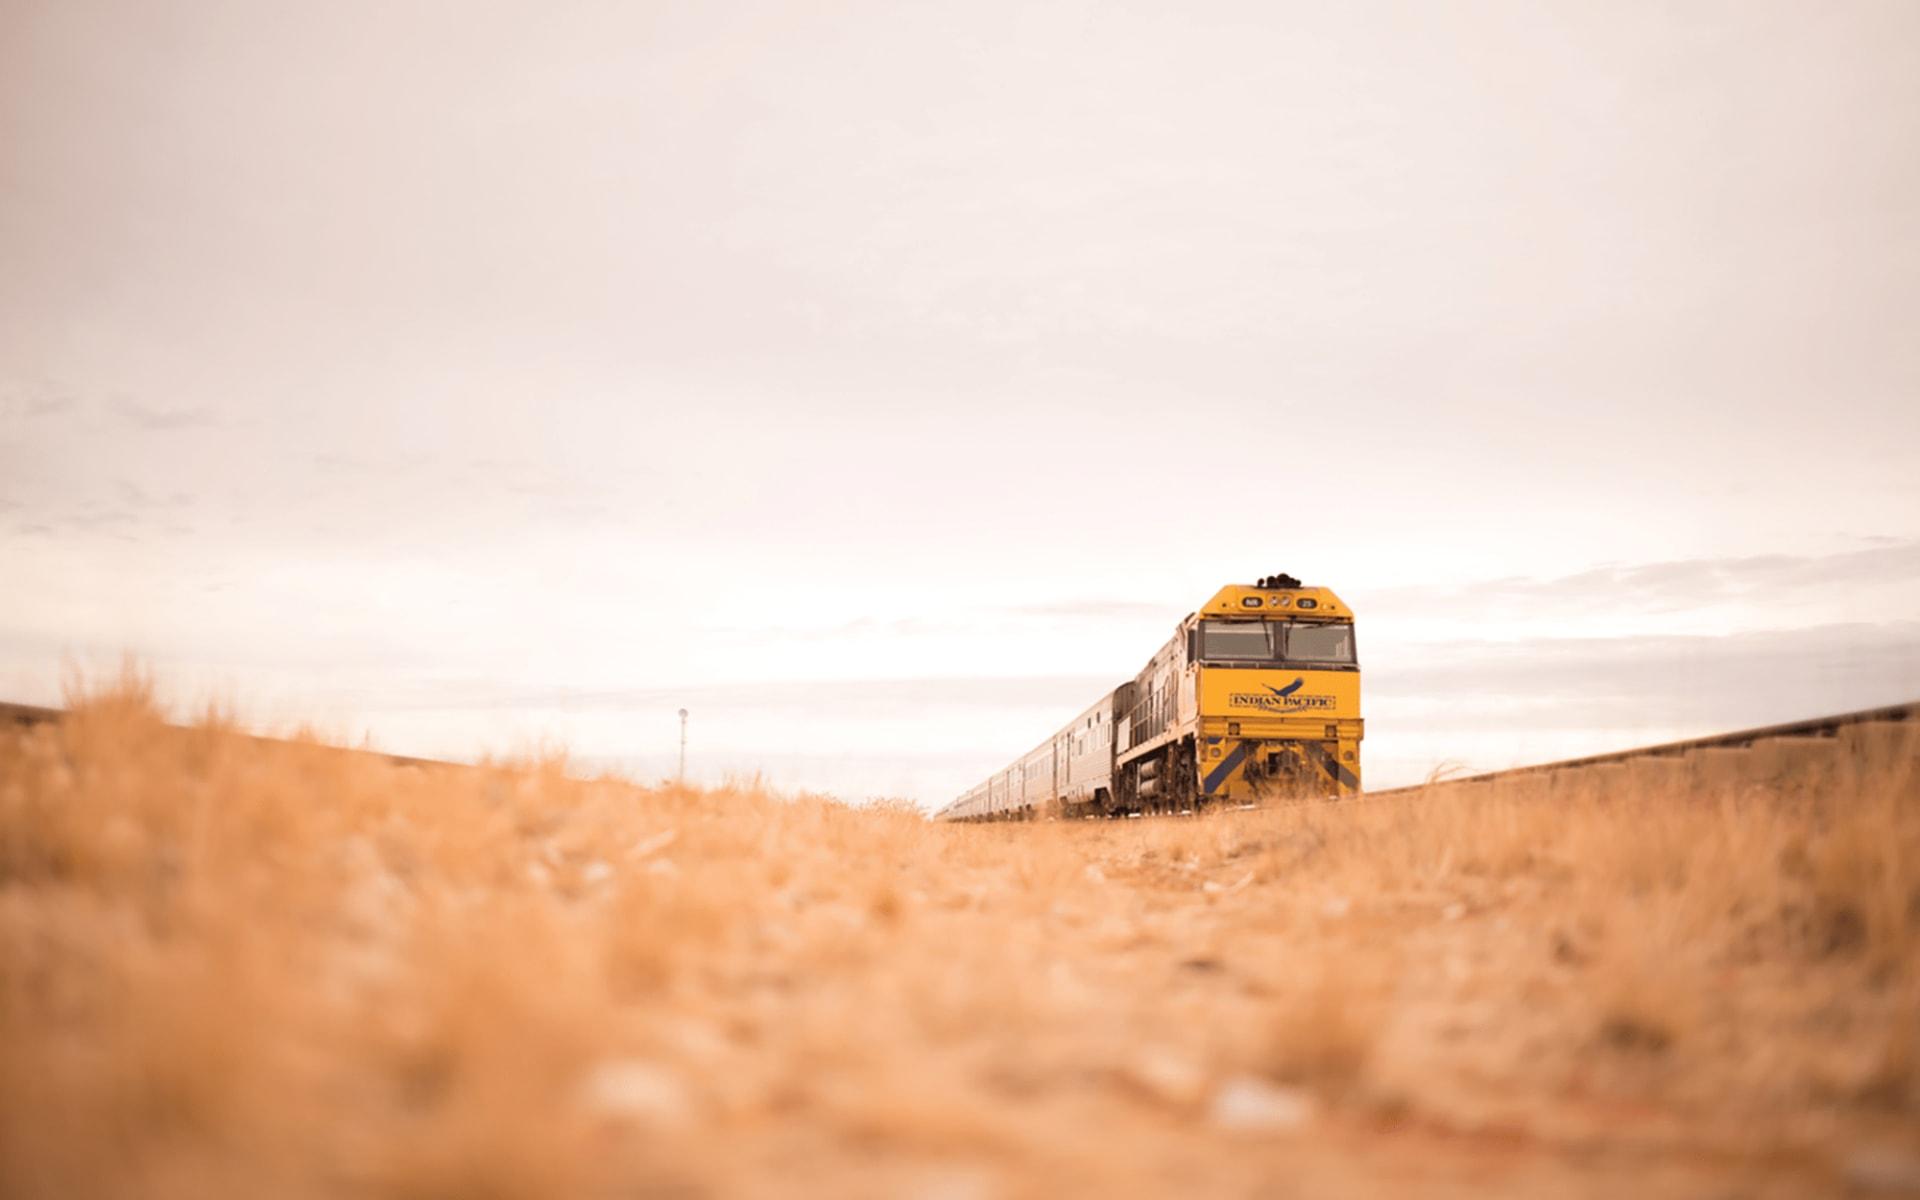 Indian Pacific von Perth nach Adelaide: Australien - Bahnreisen - Indian Pacific auf Grasfläche 2018